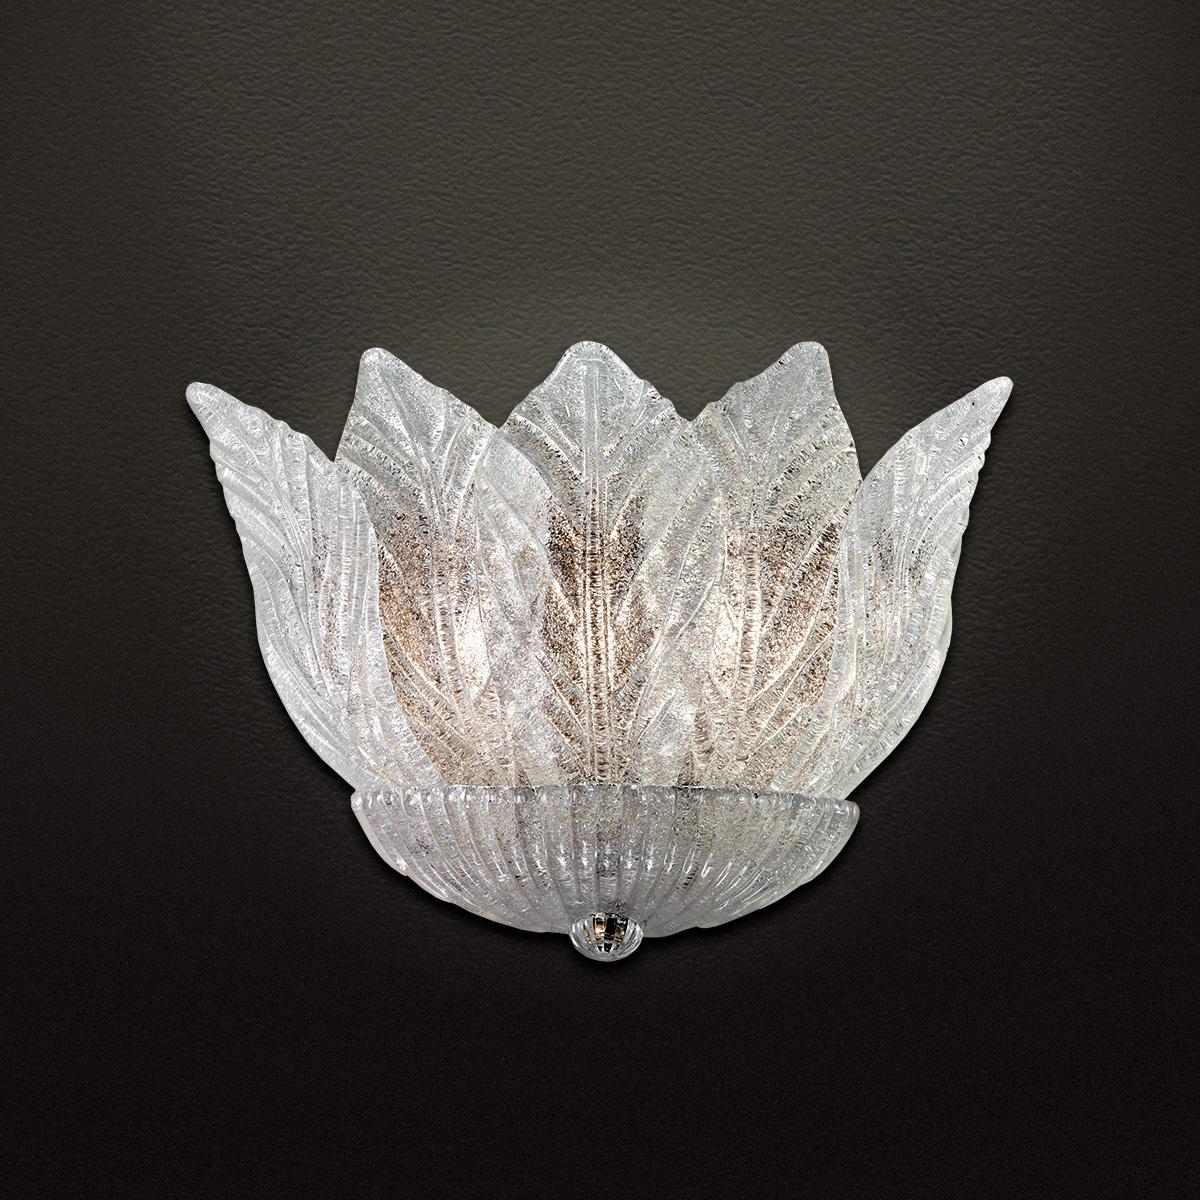 Φωτιστικό τοίχου με κρυστάλλινα φύλλα STELLA wall lamp with Murano crystal leaves